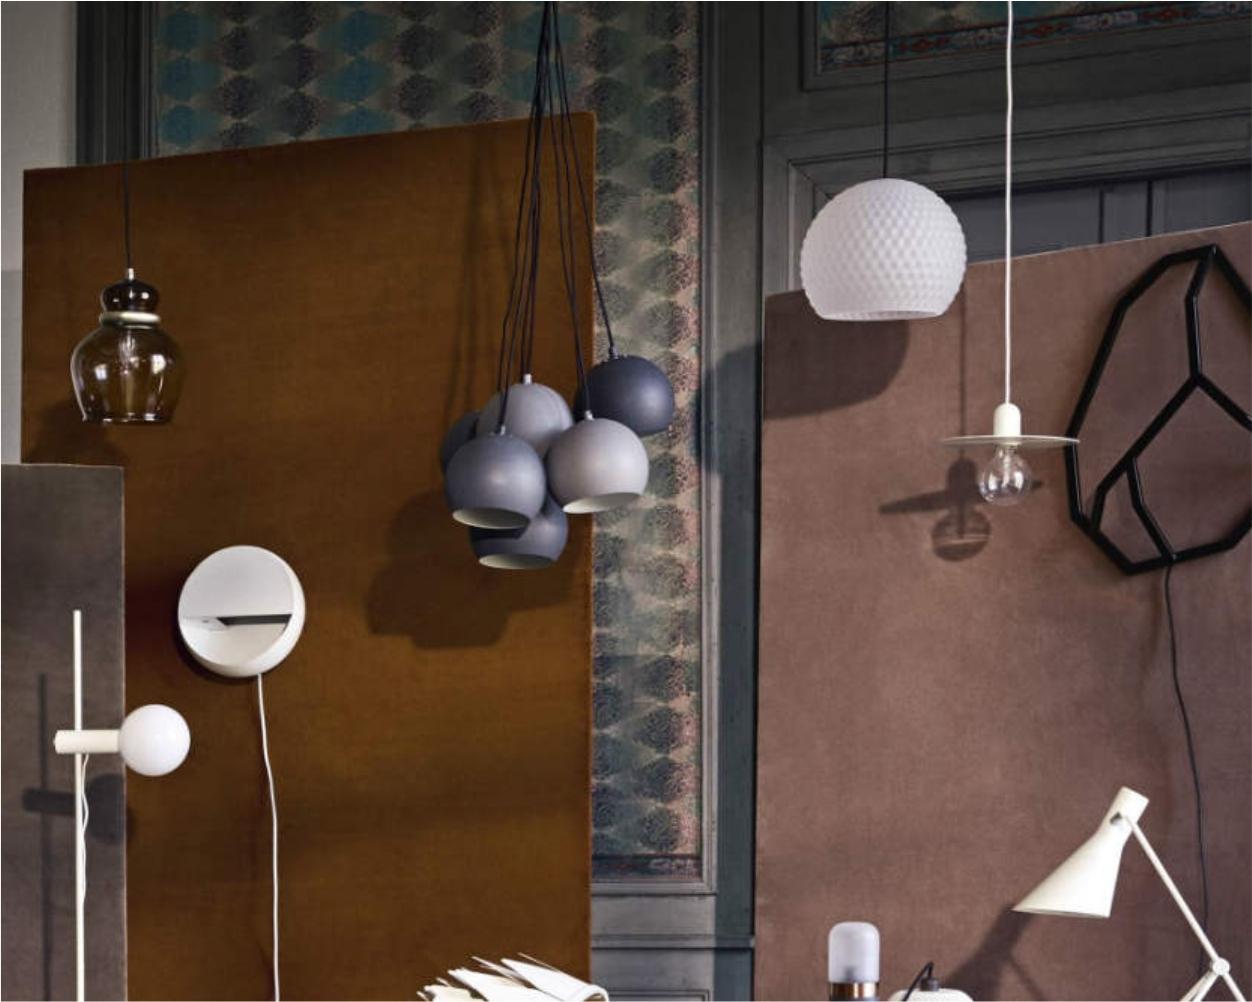 Pendul - corpuri de iluminat interior pentru case, vile